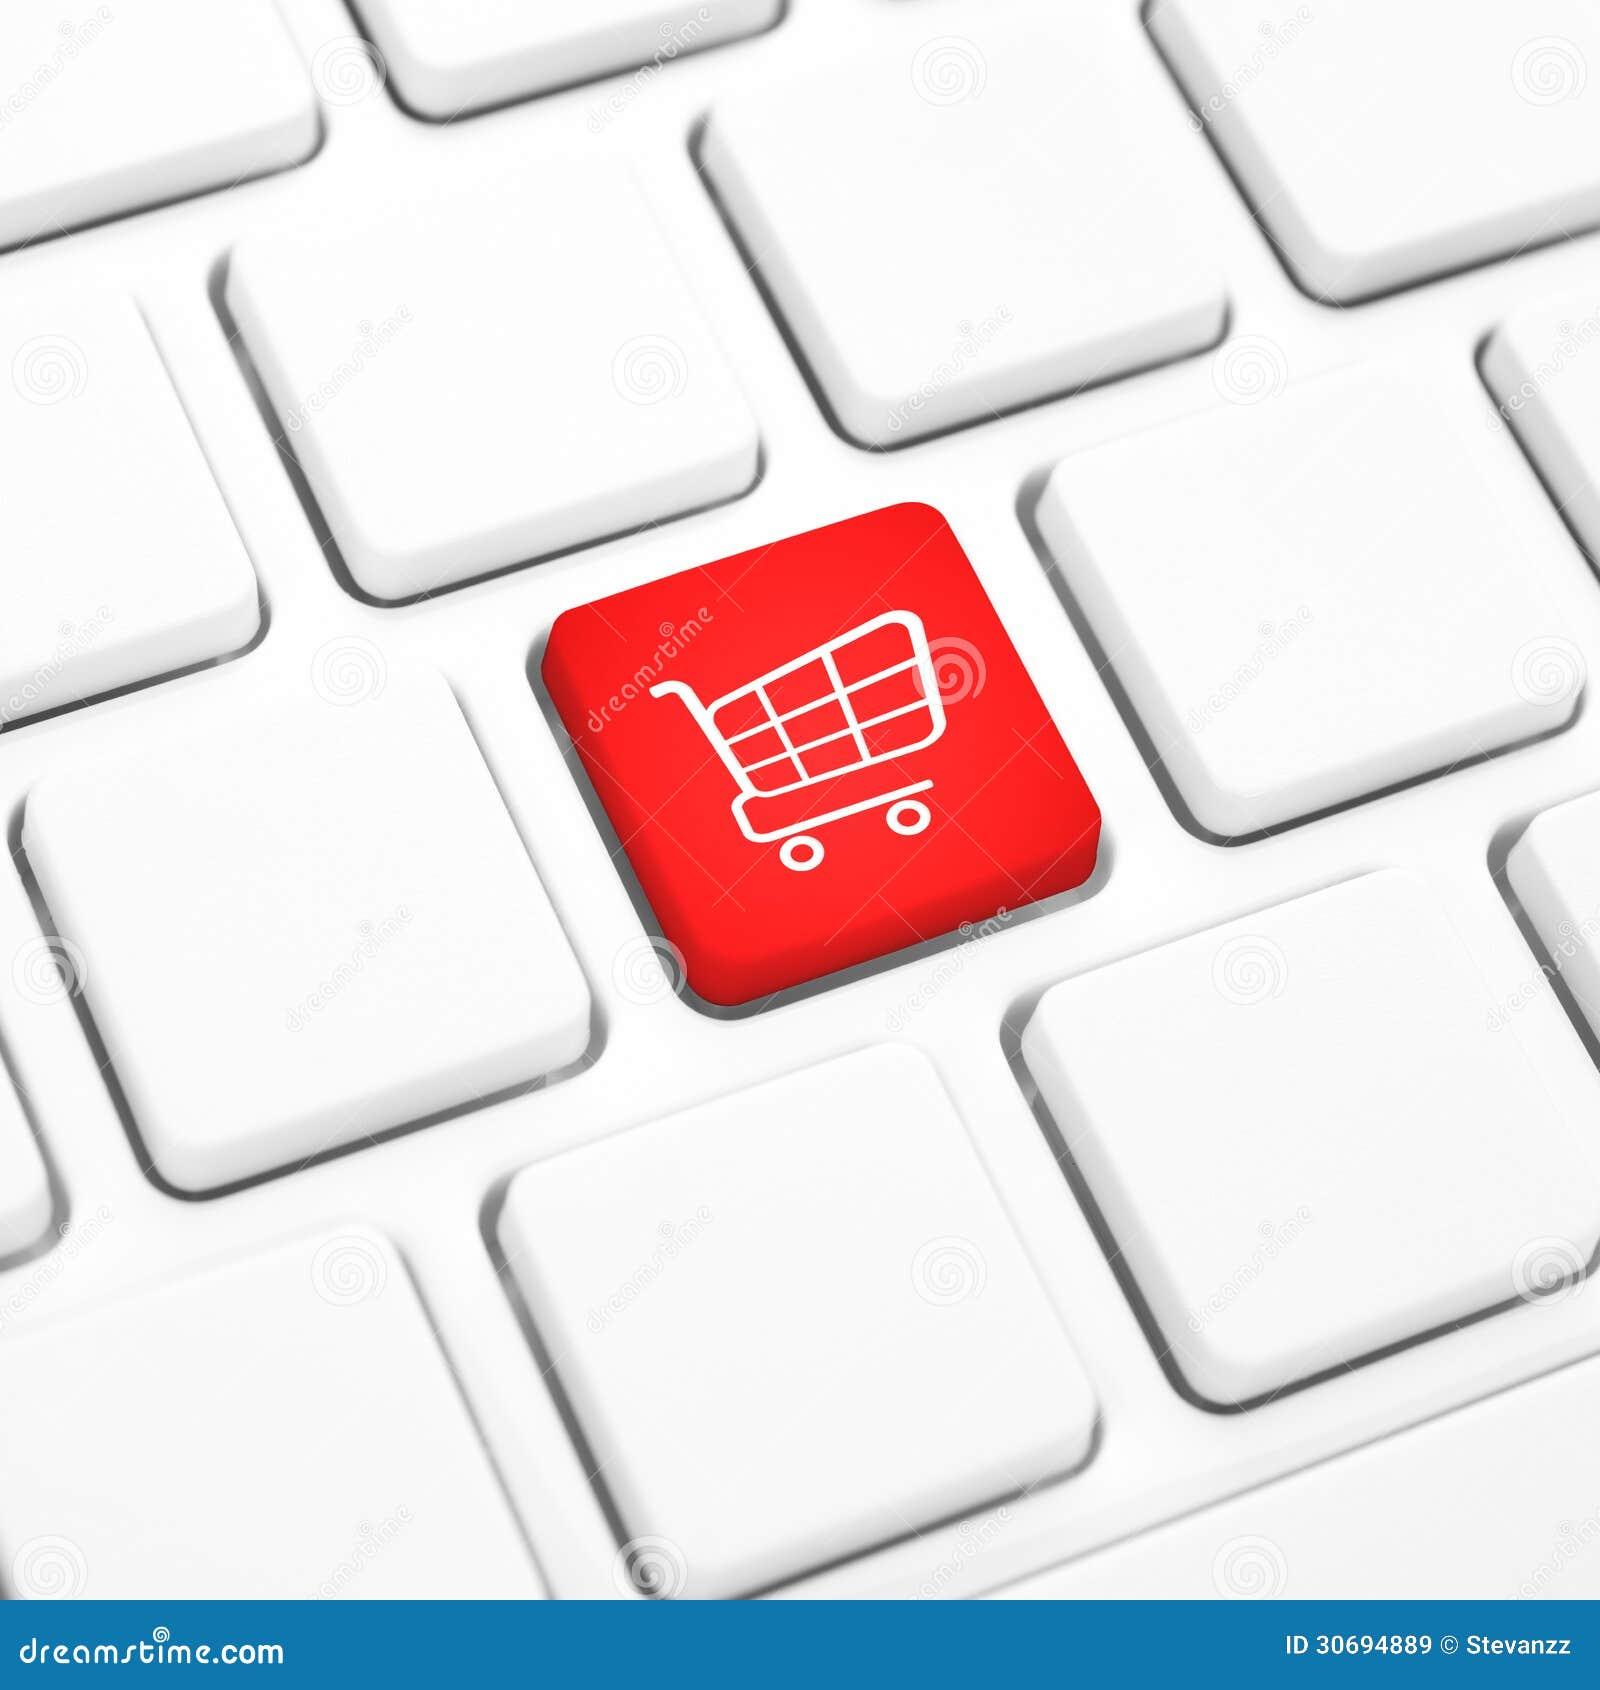 Conceito em linha do negócio da loja. Botão vermelho ou chave do carrinho de compras no teclado